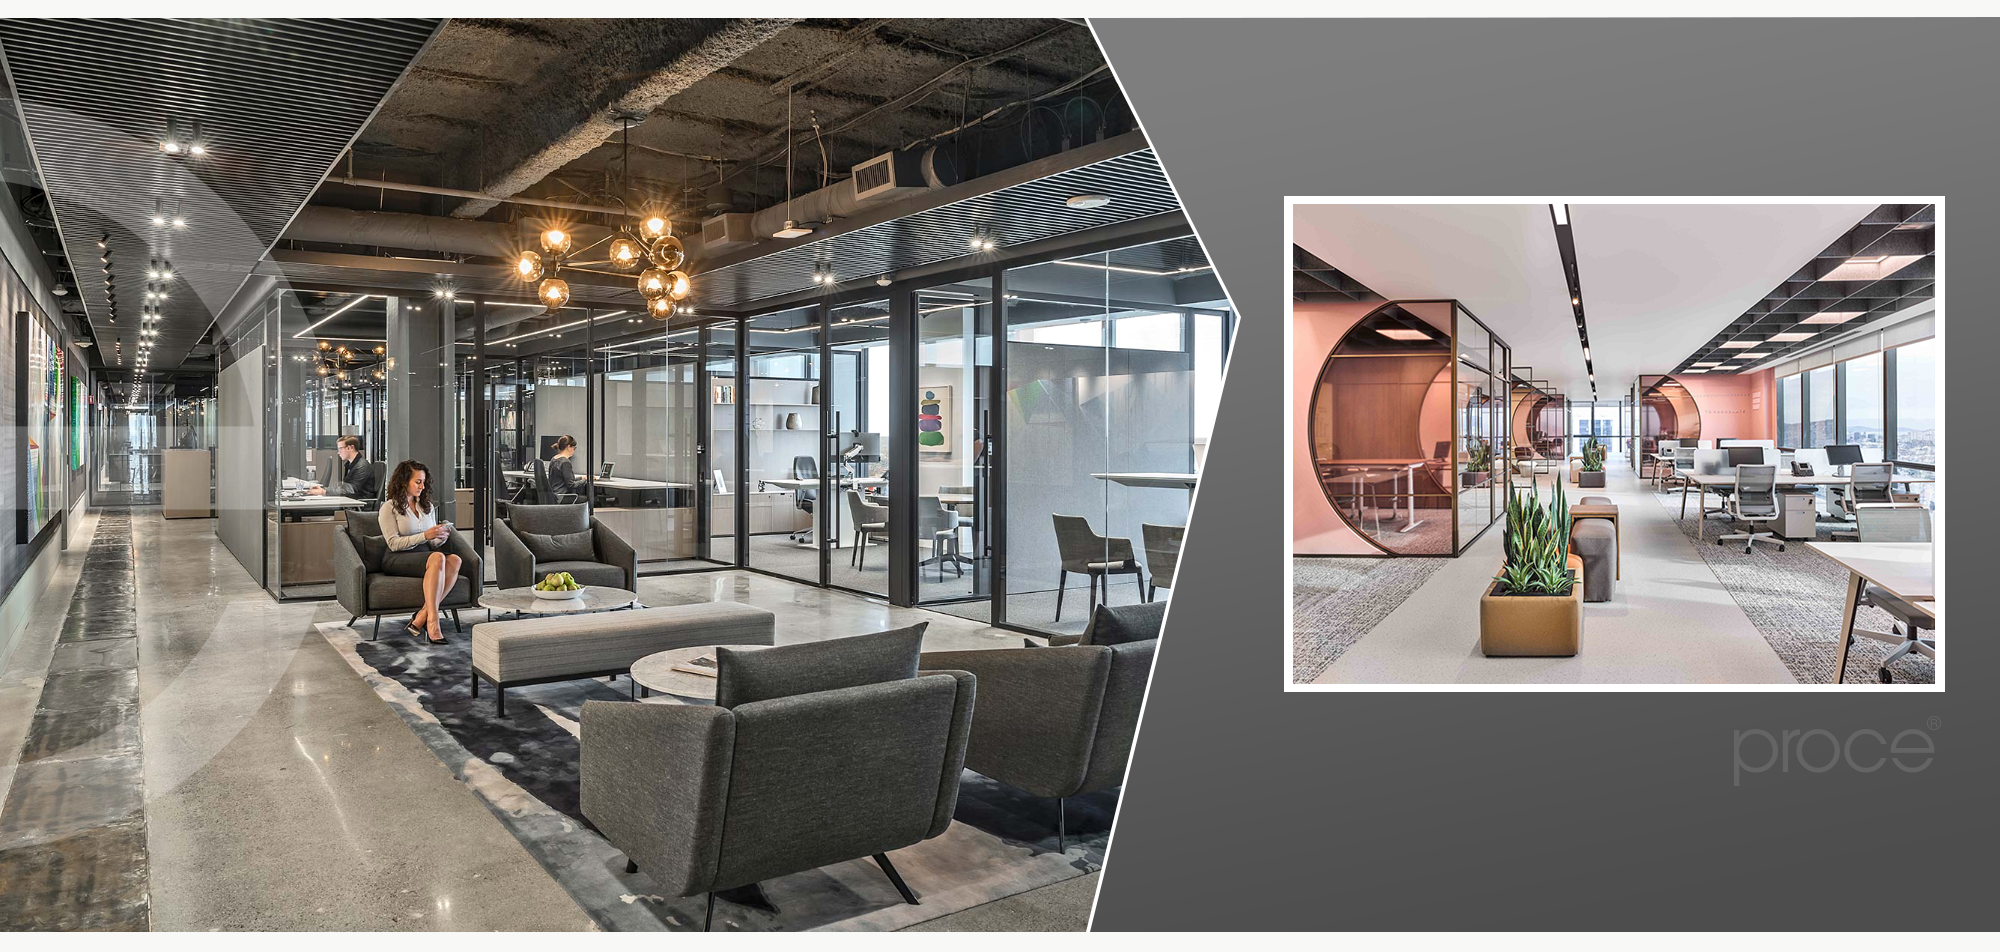 CEO Proce: Khi văn phòng không đơn thuần chỉ là không gian làm việc mà còn là nơi thể hiện chiến lược thu hút nhân tài - Ảnh 8.